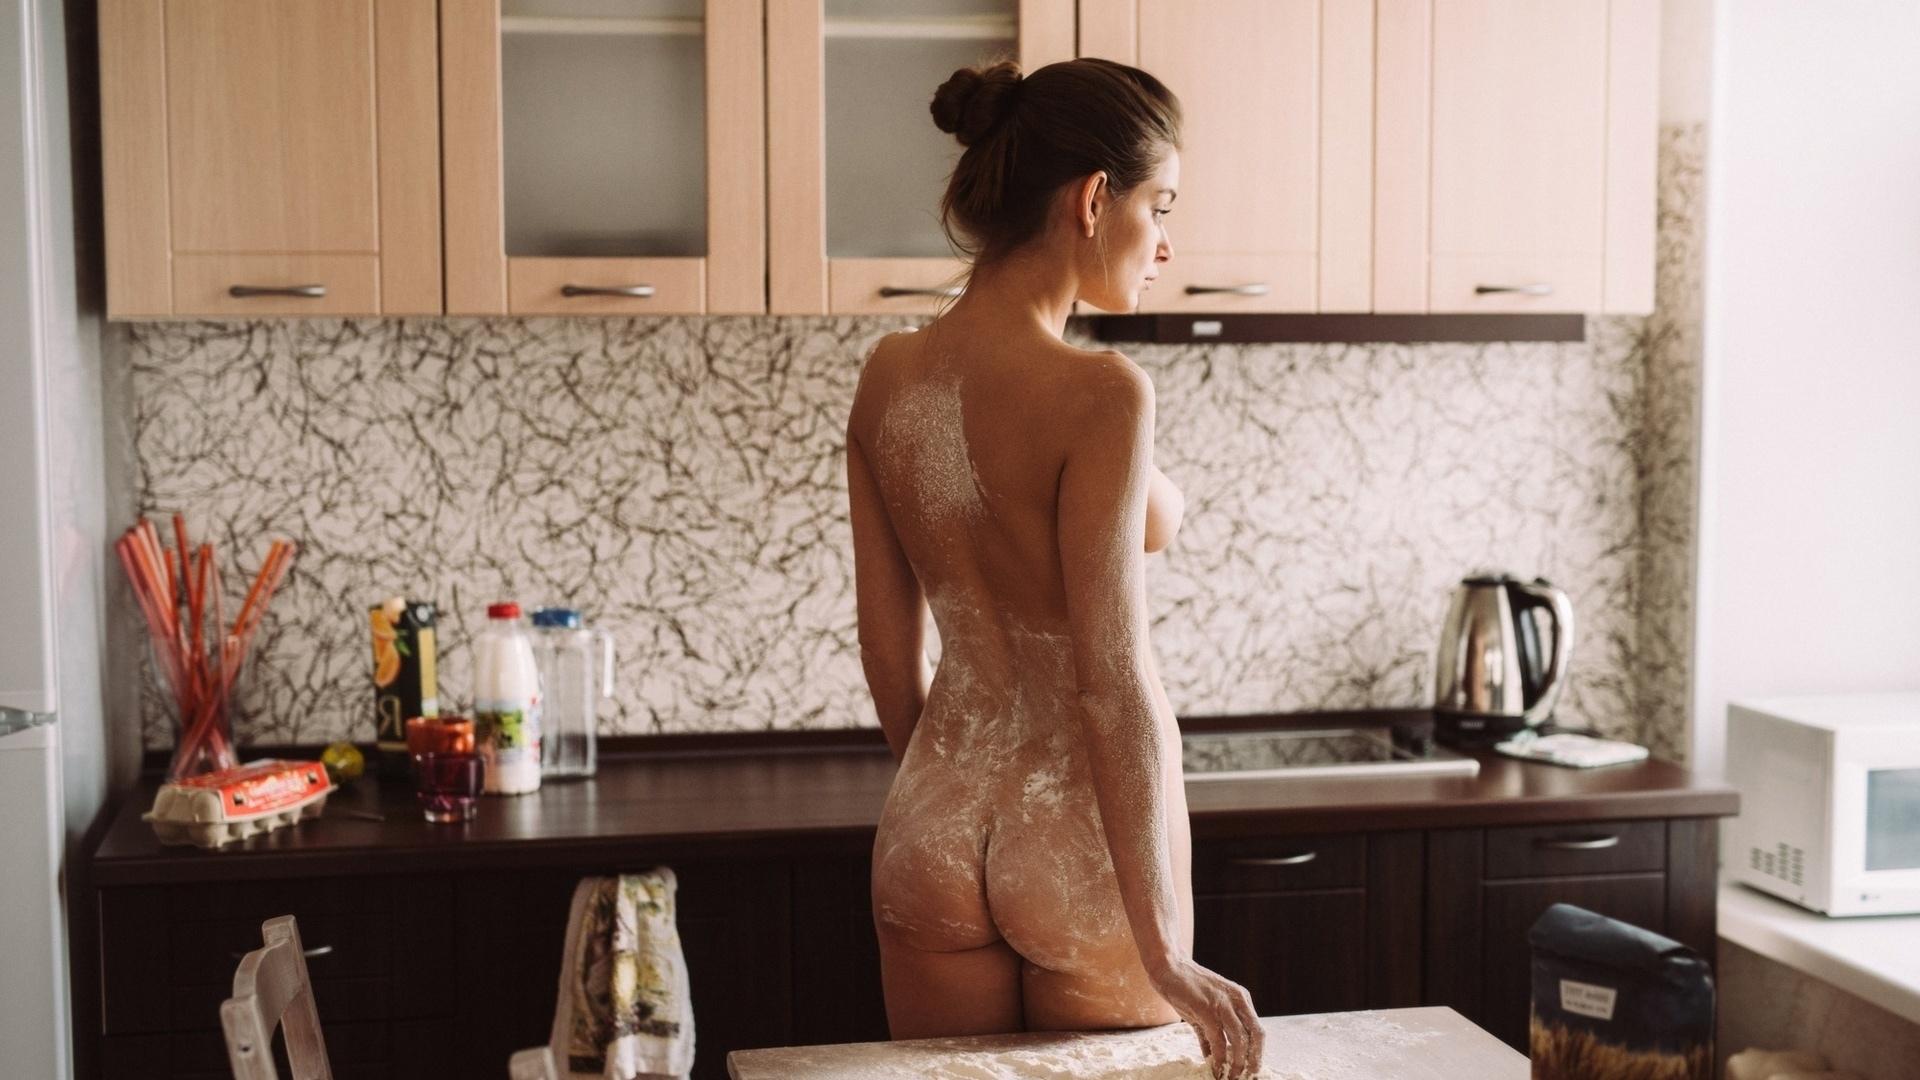 Секс на кухне и в муке, Секс на кухне - Реальный top жаркого порно на кухне! 18 фотография